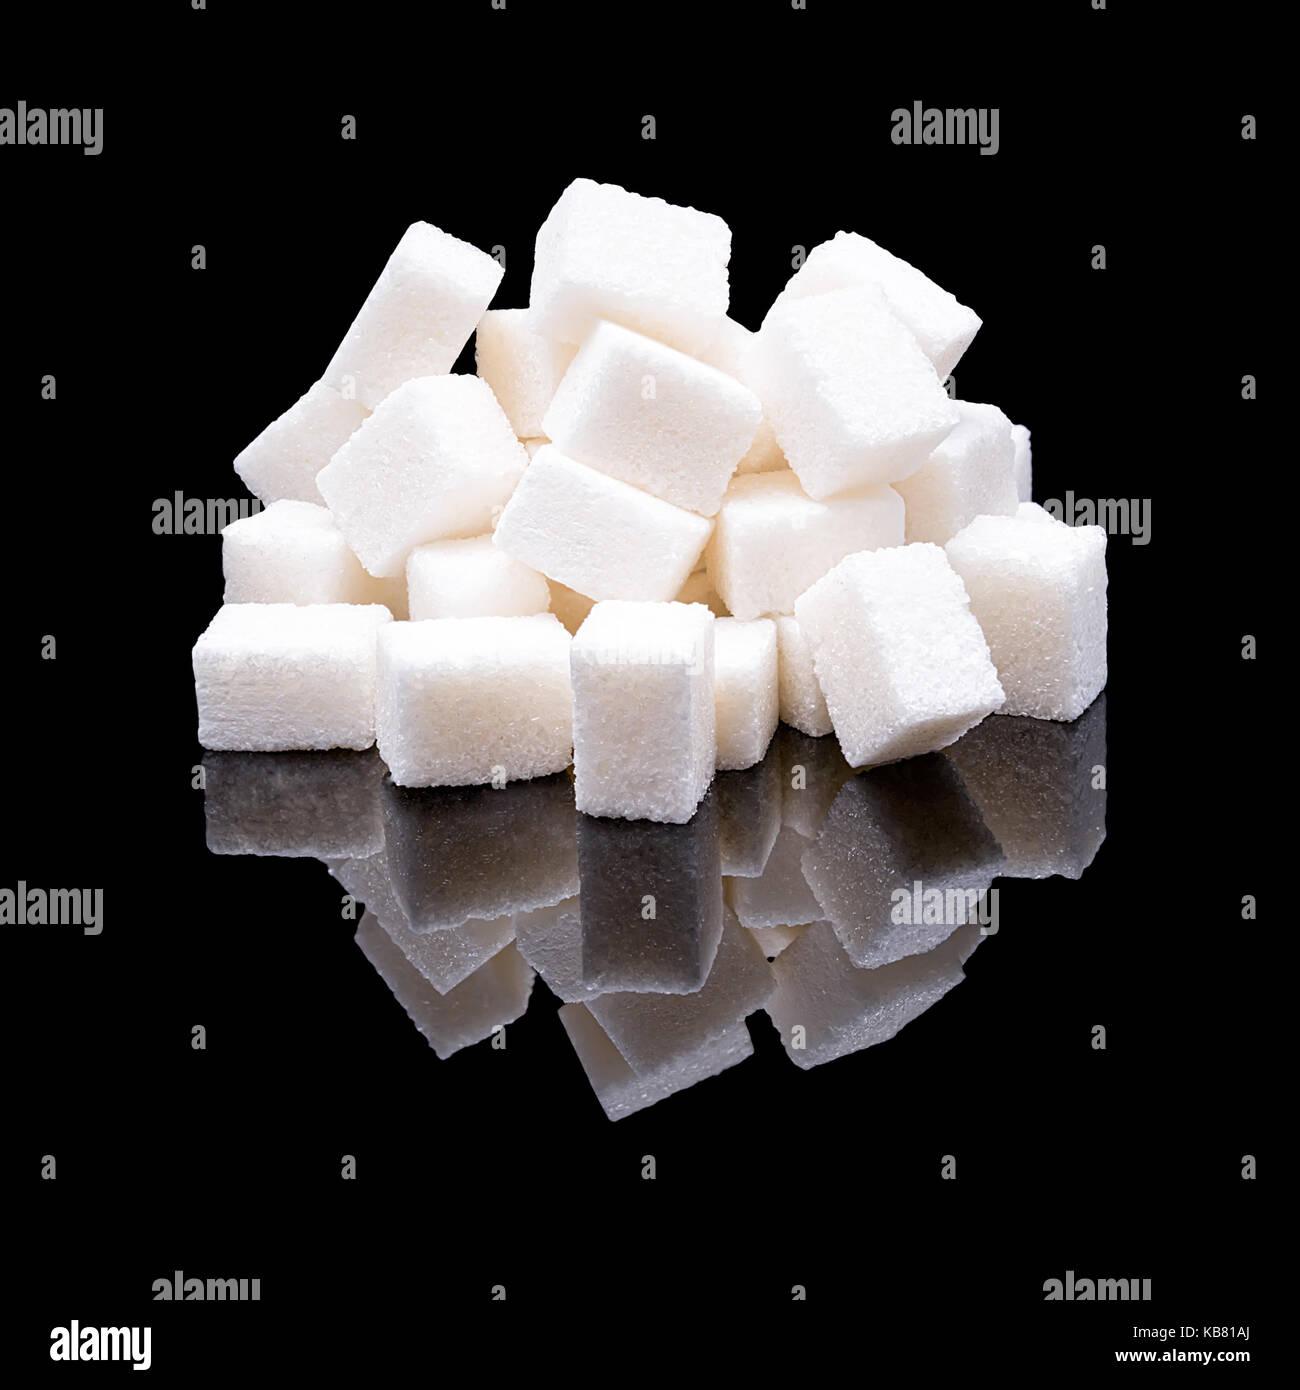 Würfel weißen Zucker aus Zuckerrüben mit einem echten Reflexion auf einem schwarz glänzenden Hintergrund Stockfoto